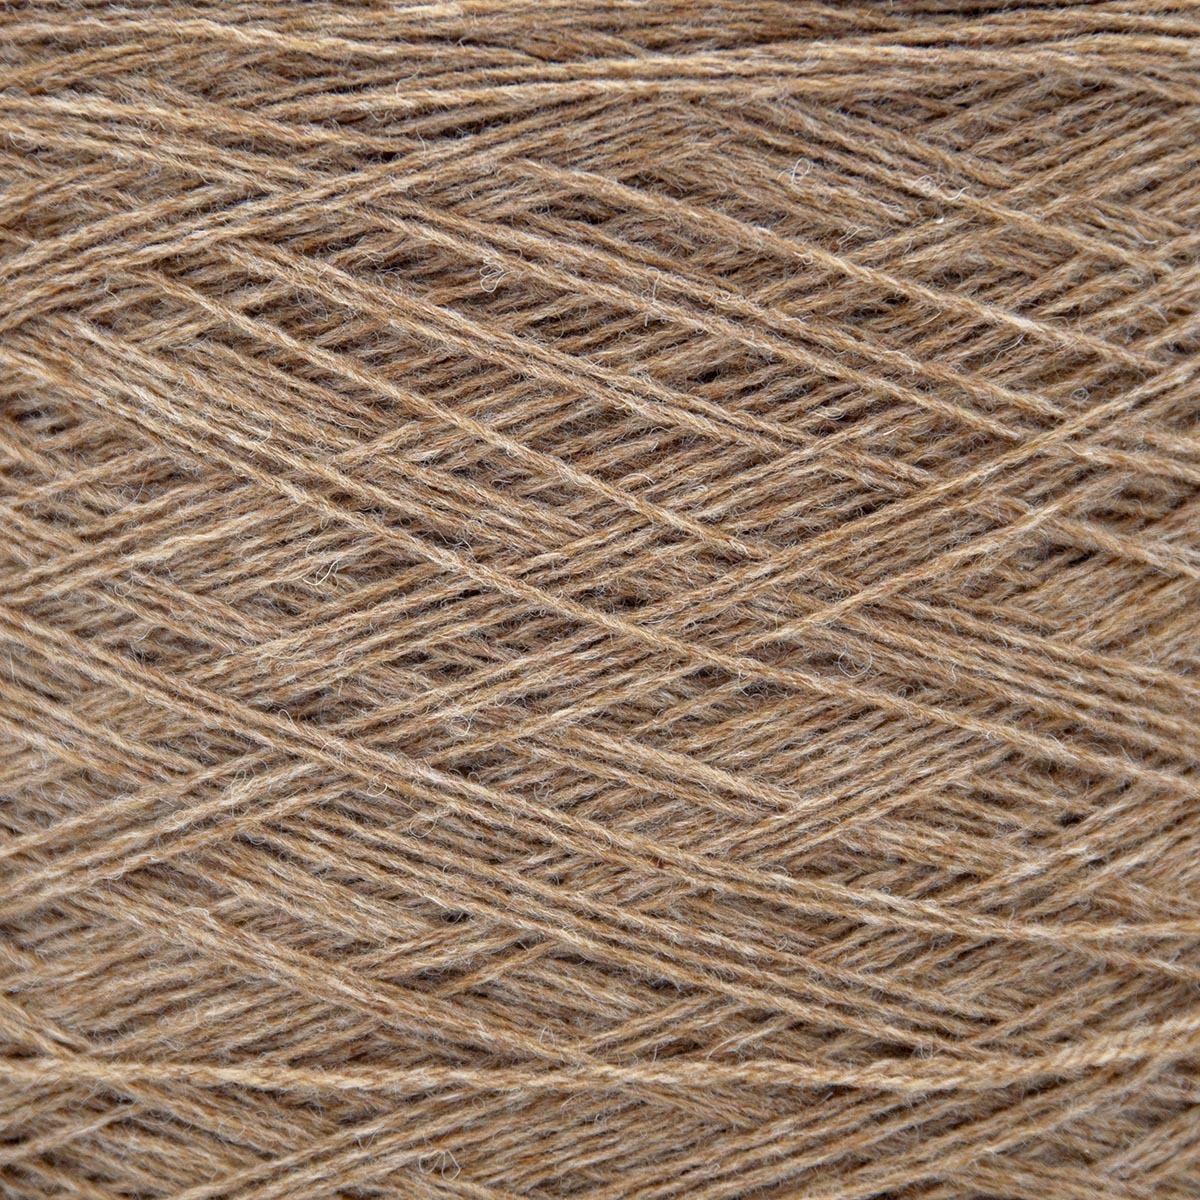 Knoll Yarns Lambswool - 128